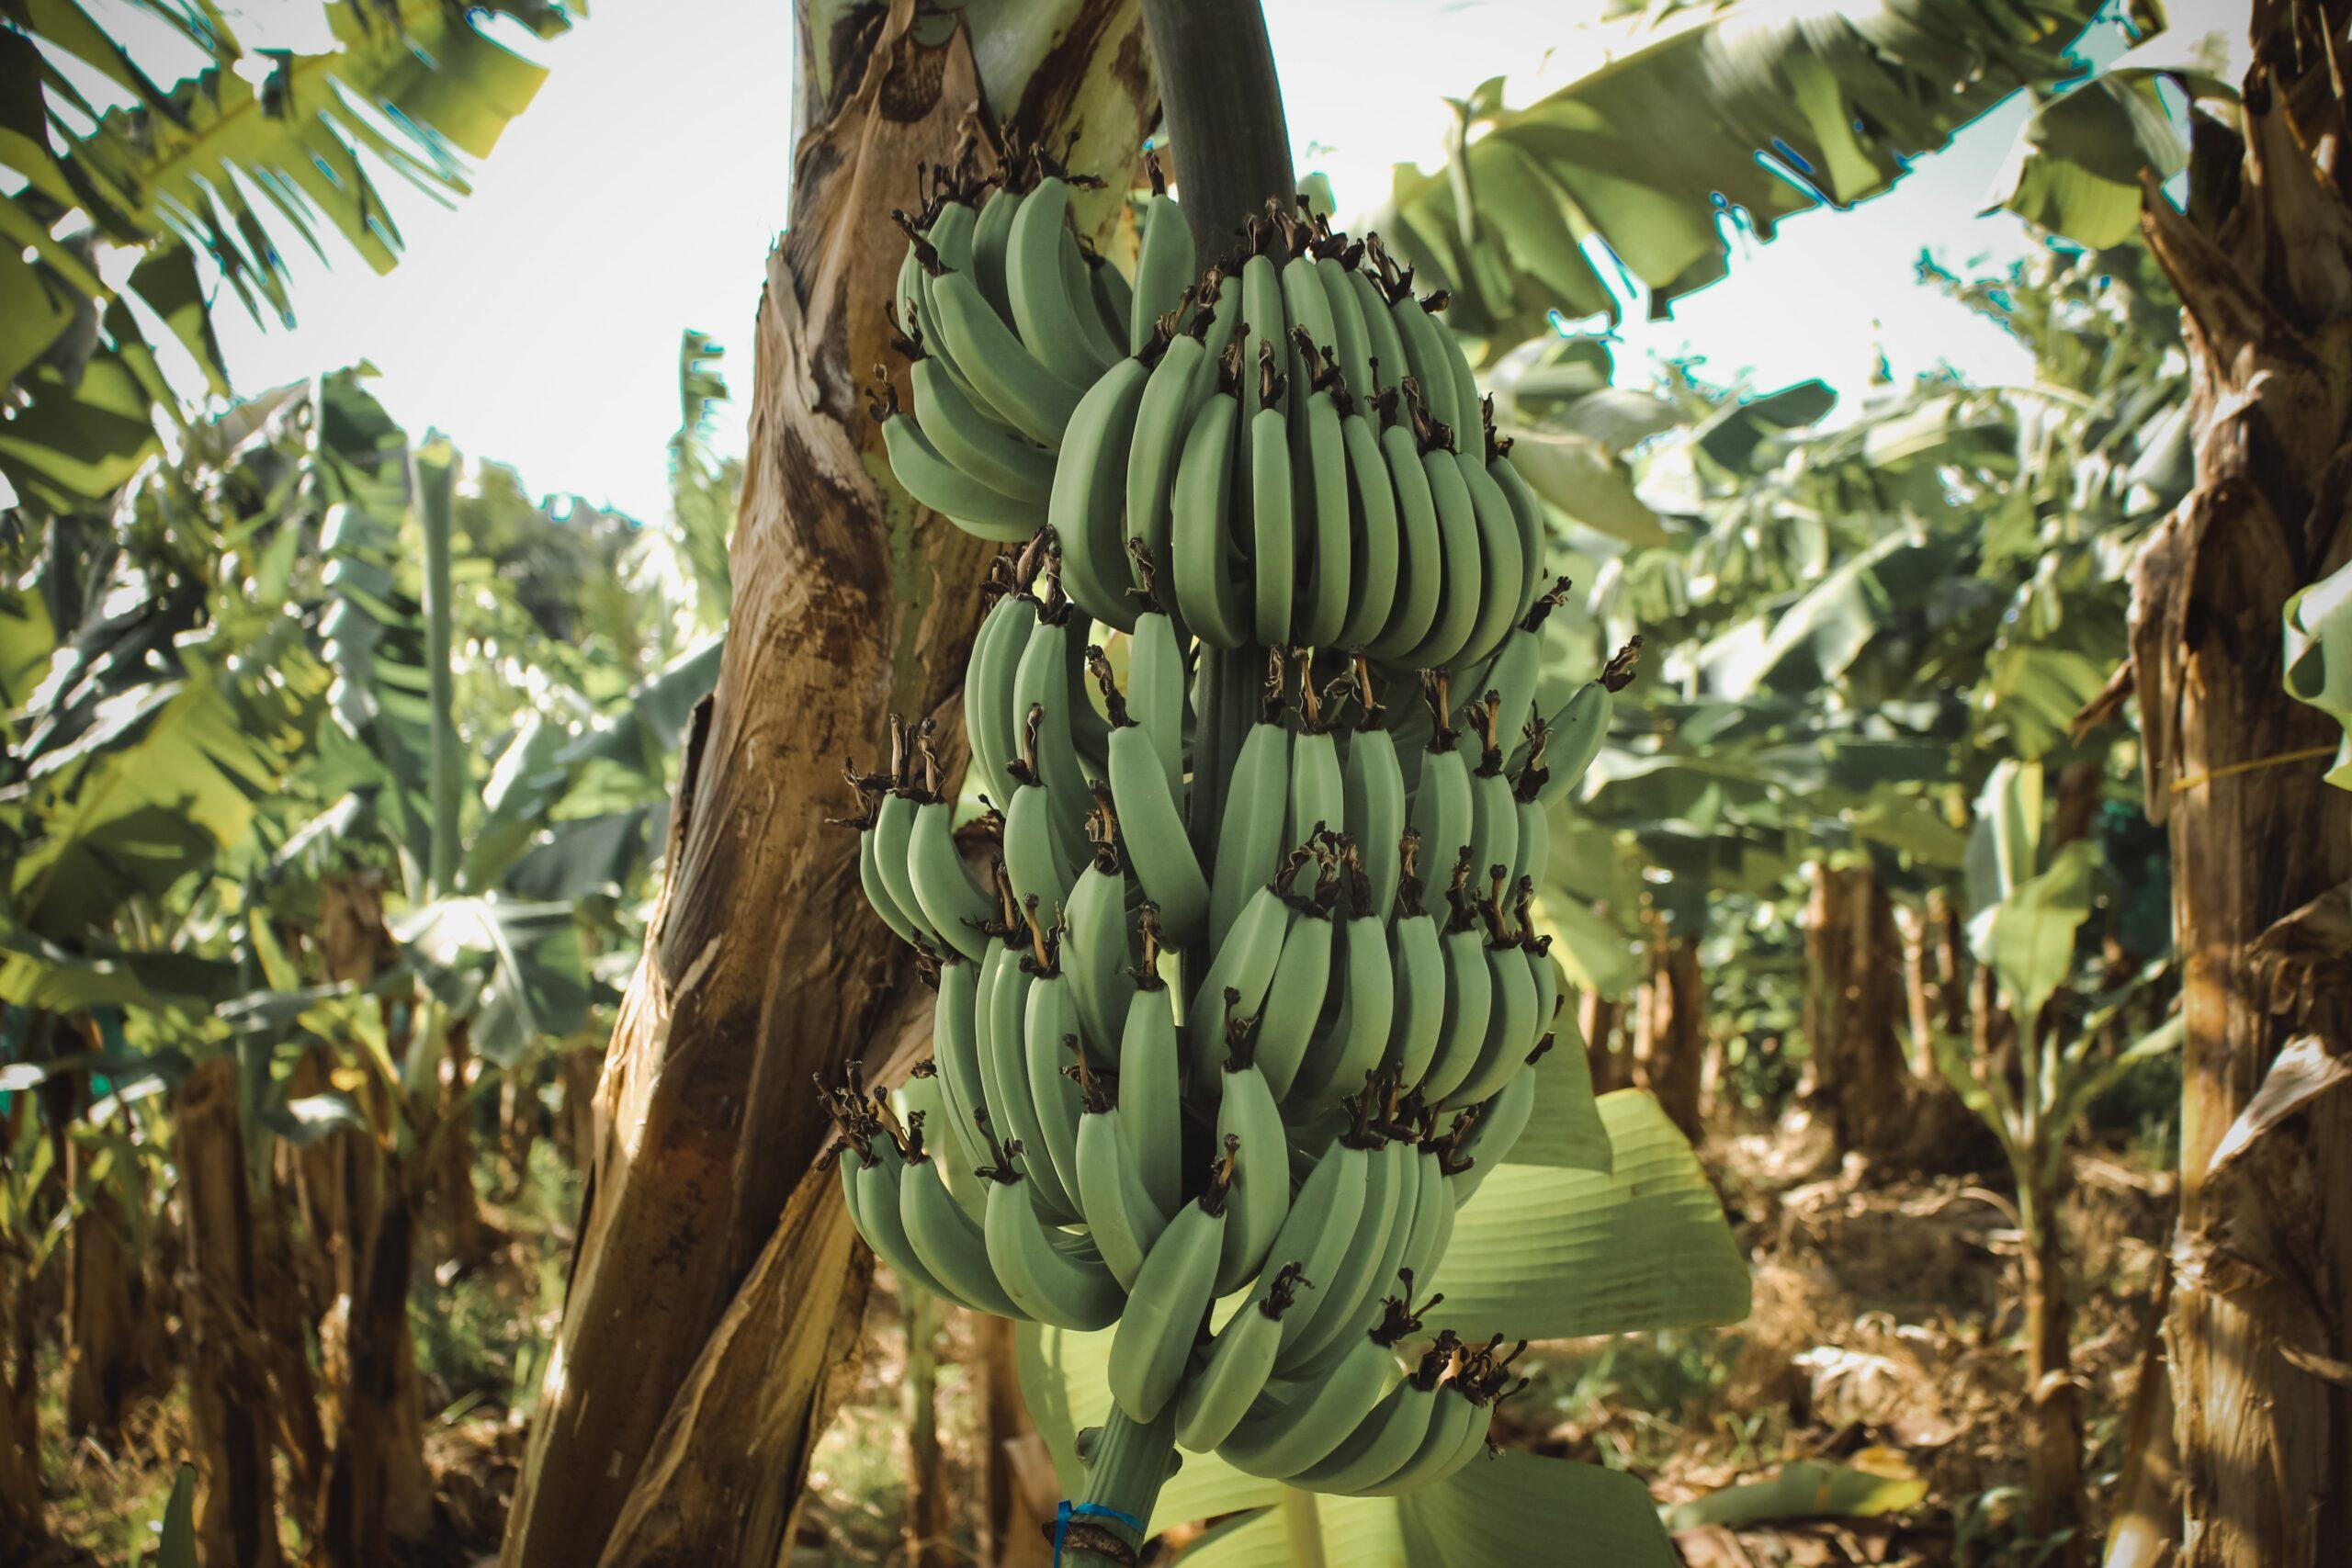 Saturday 24th April 2021, 2-4pm, Growing Fabulous Bananas